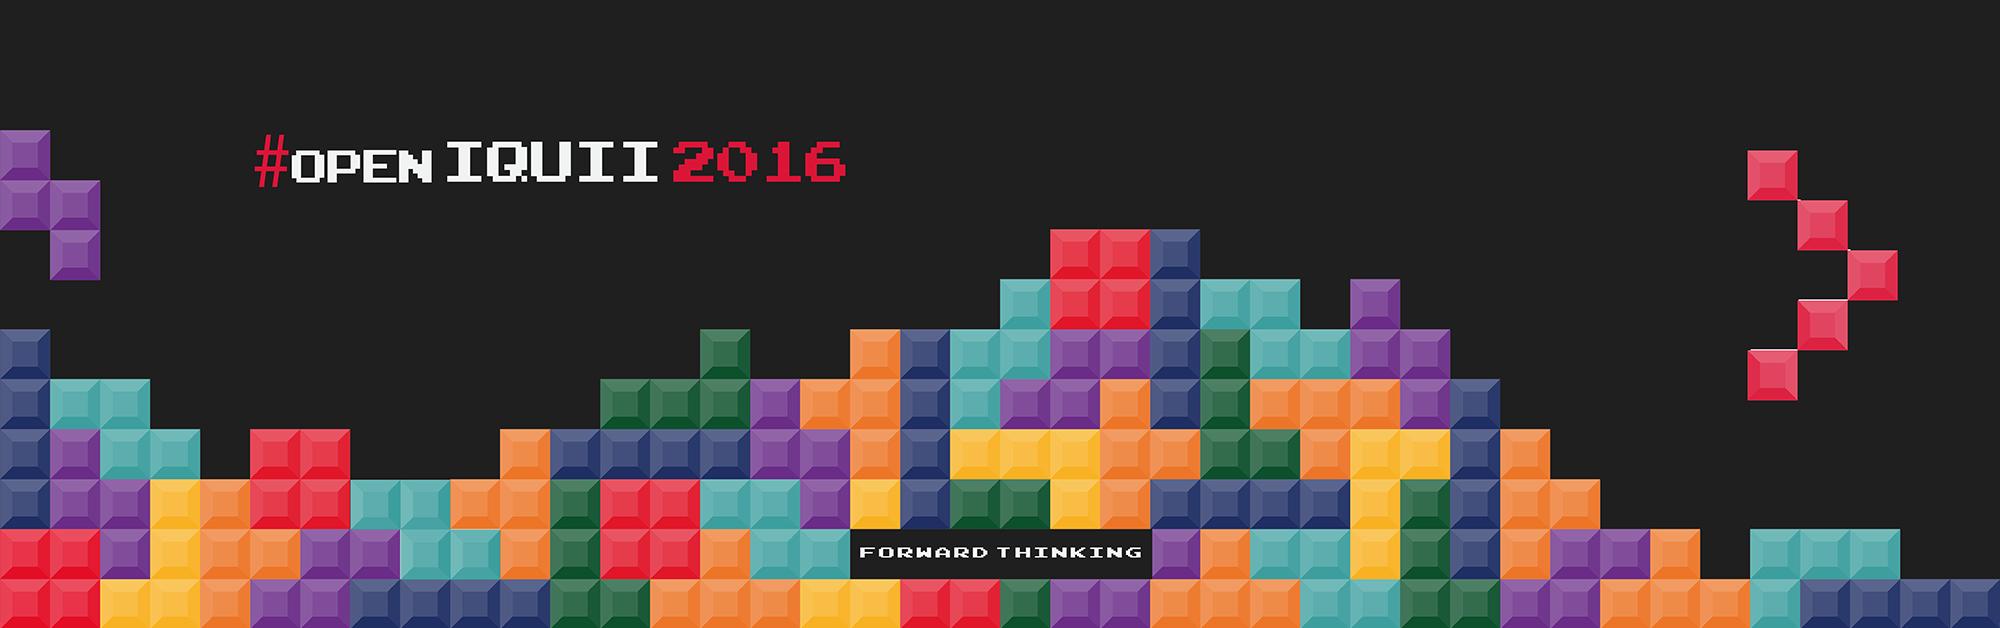 #openIQUII 2016: Digital Trend